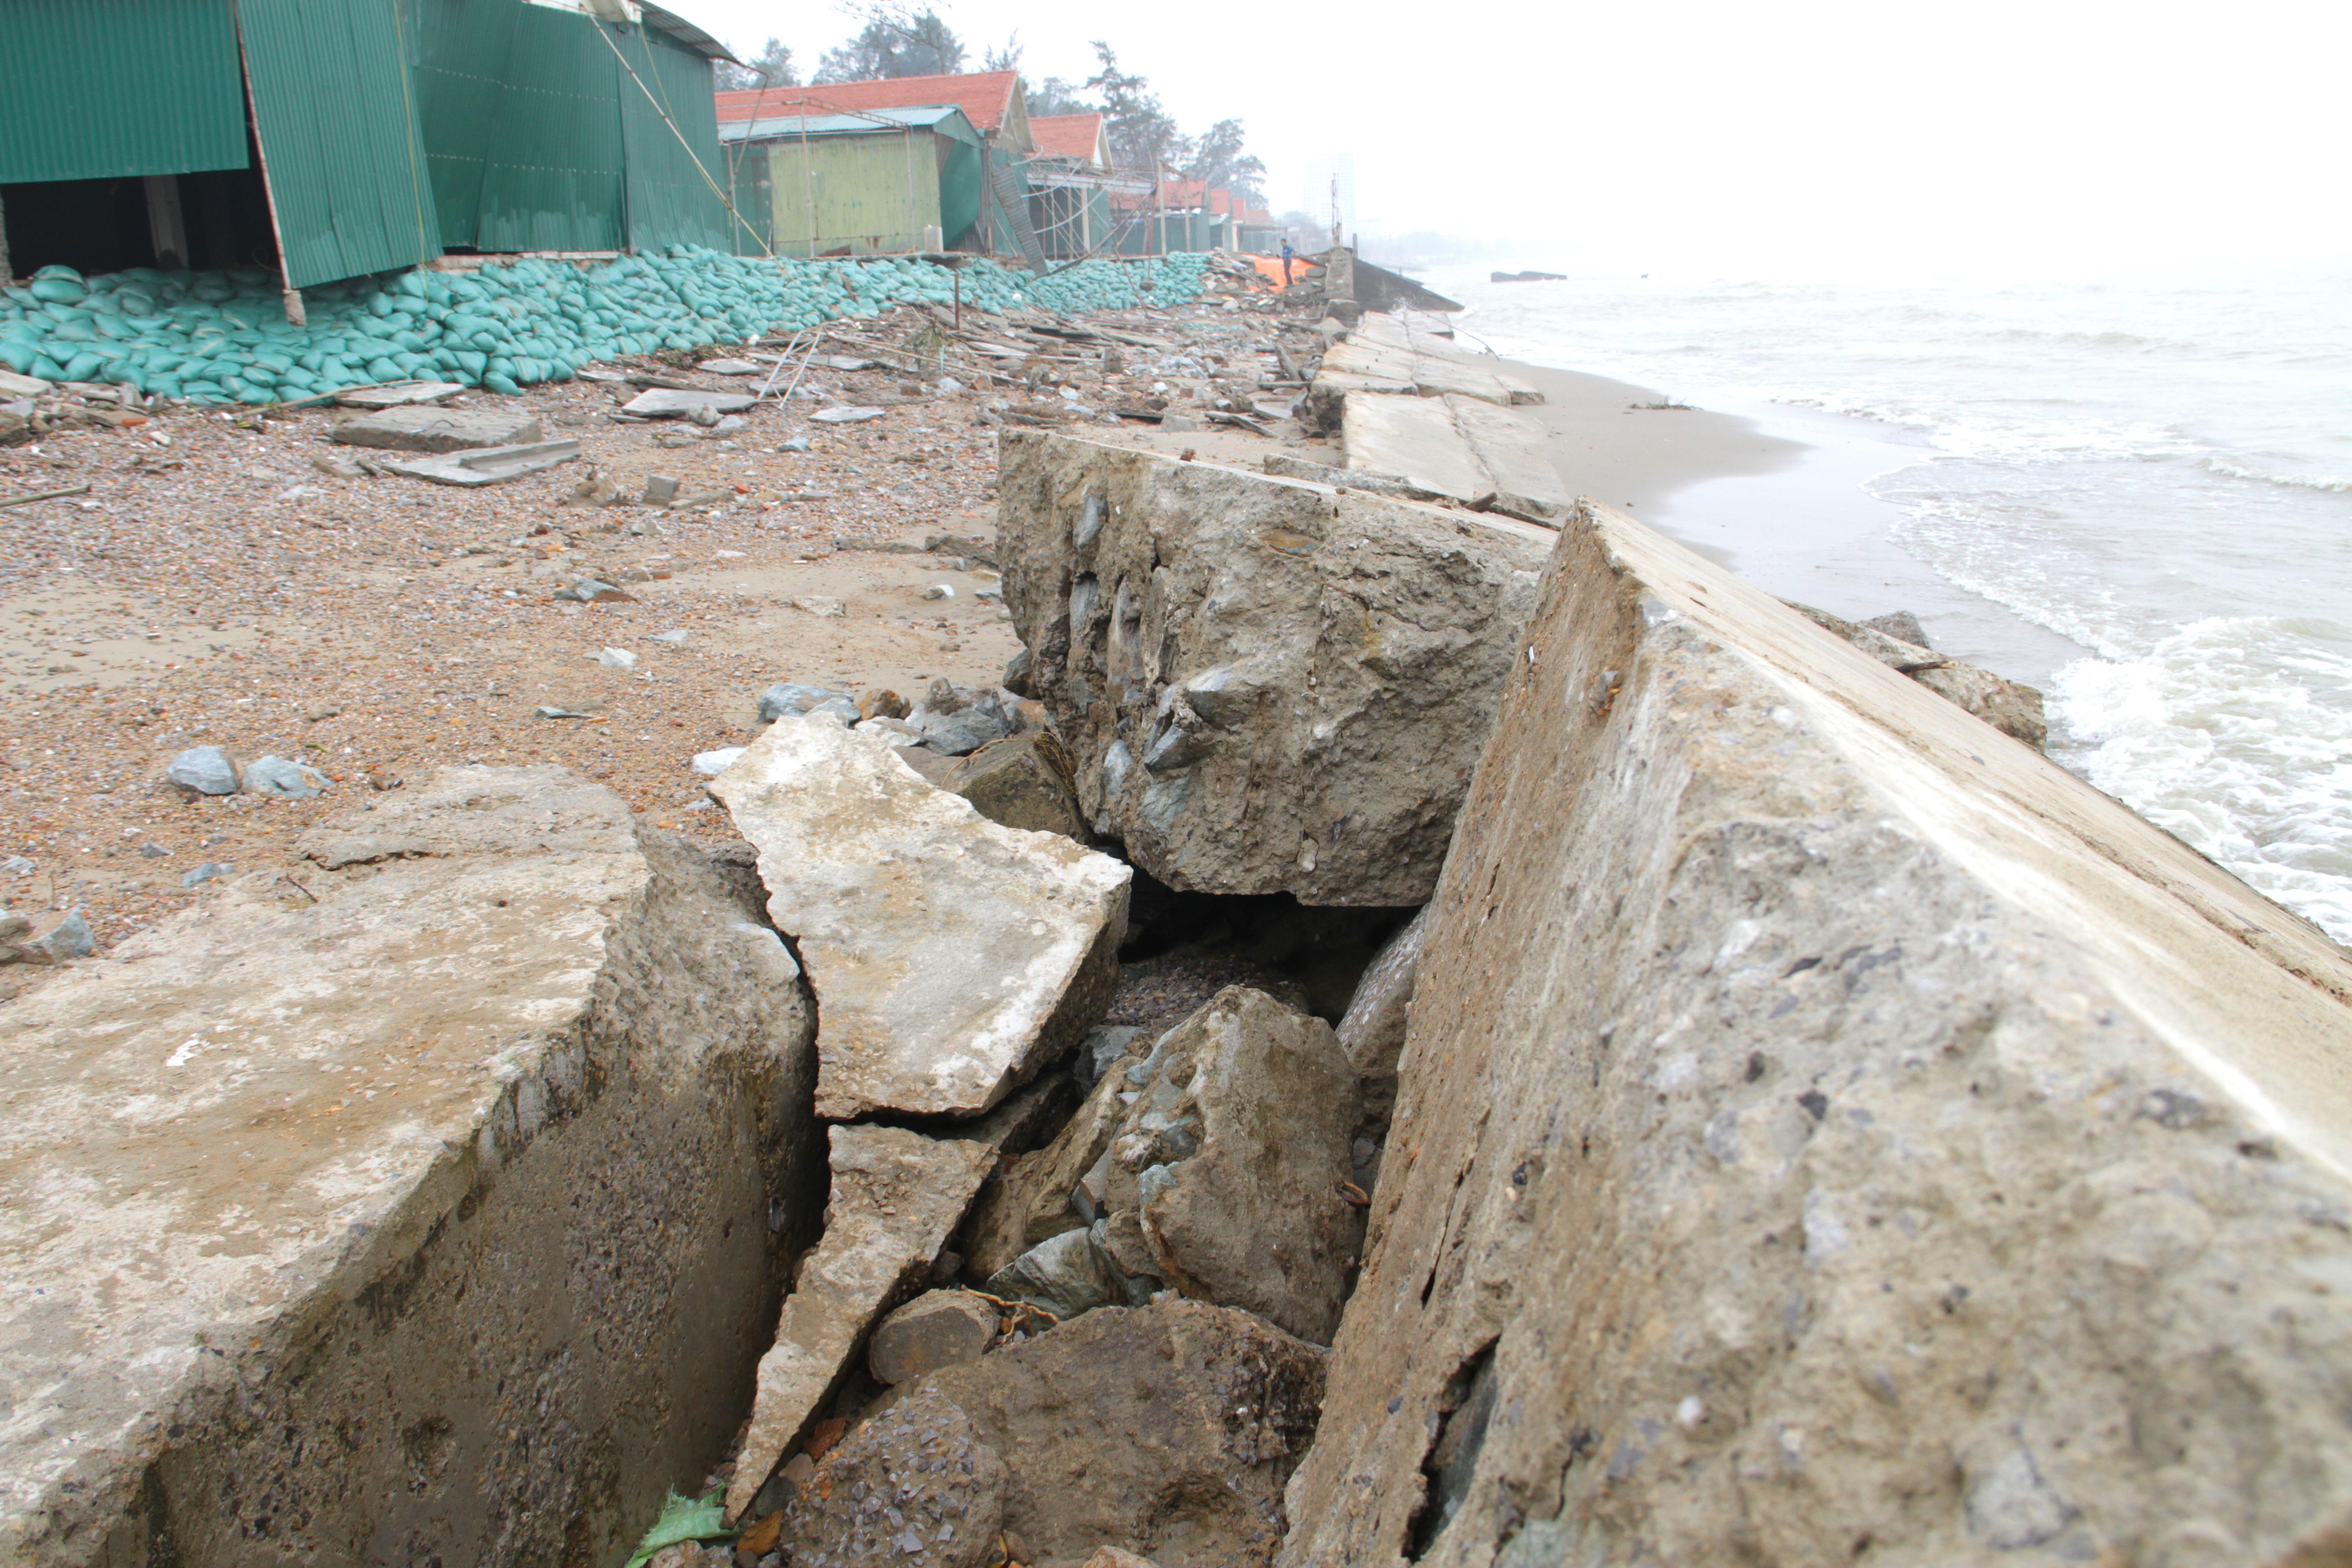 Cận cảnh gần 4km tuyến kè, đê biển Cửa Lò tan hoang sau bão lũ, hàng quán điêu đứng - Ảnh 16.